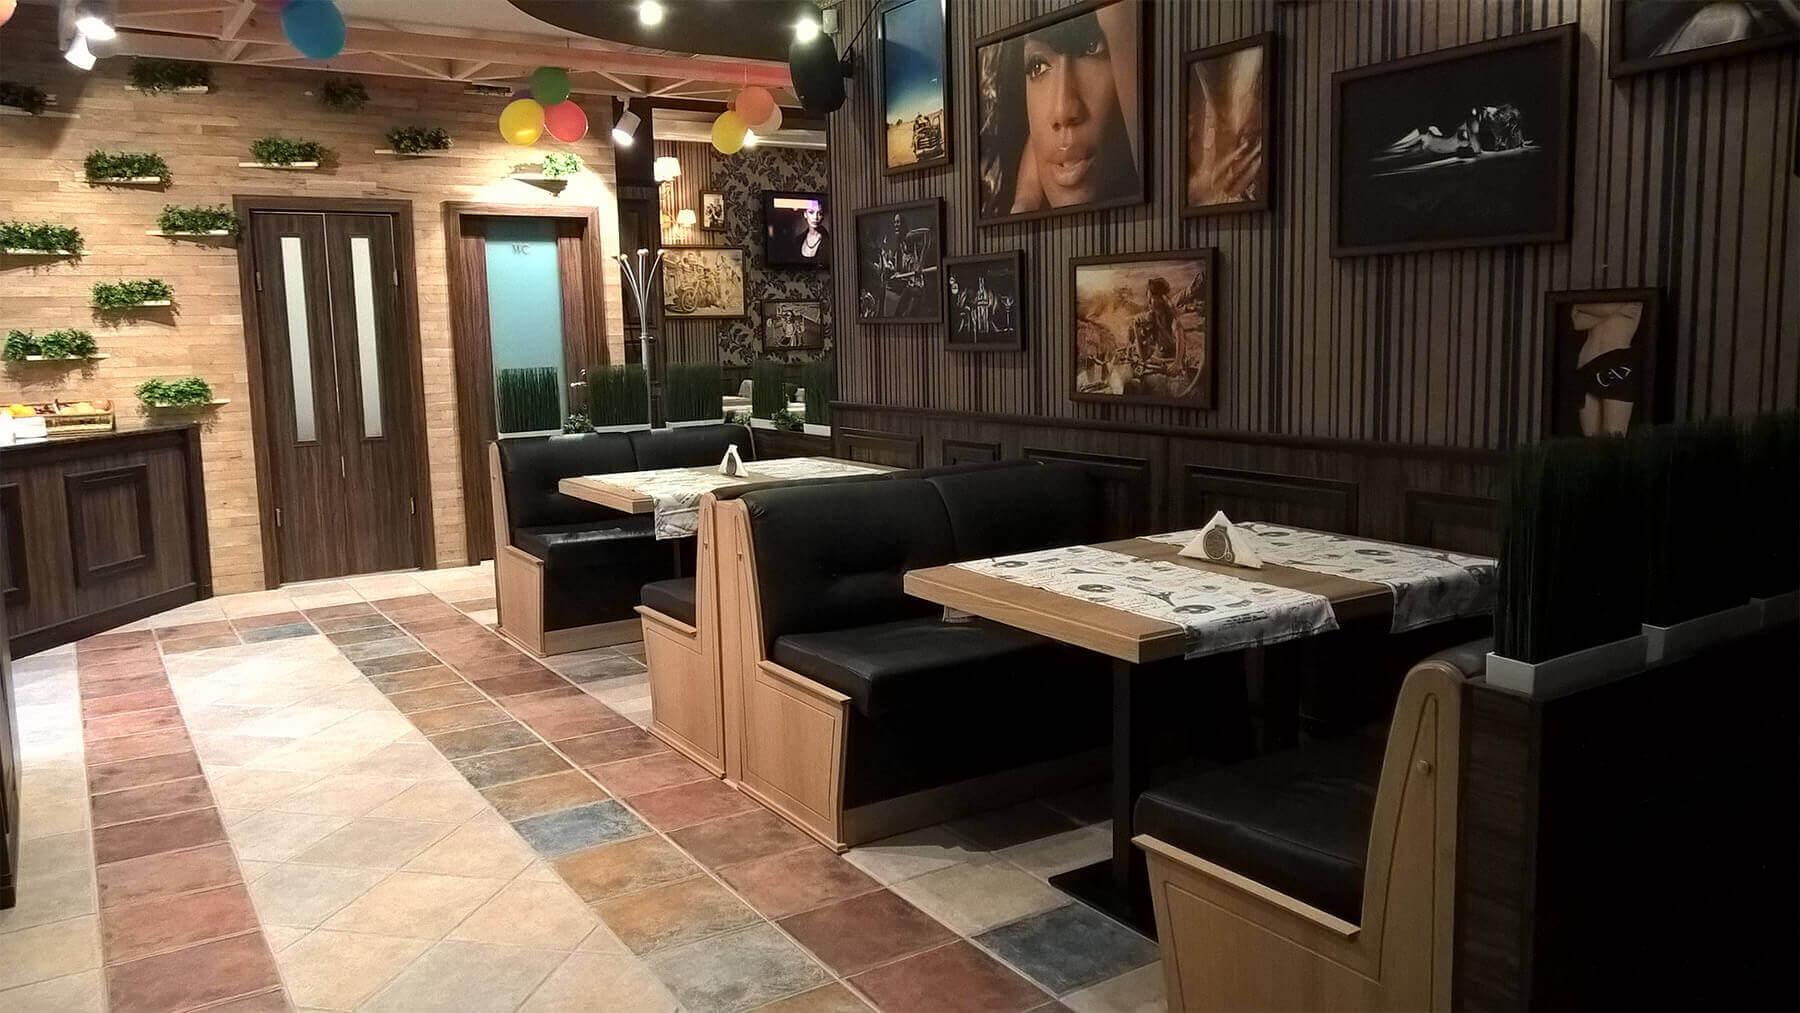 Pizza Bar Capris - Resurant Interior 2